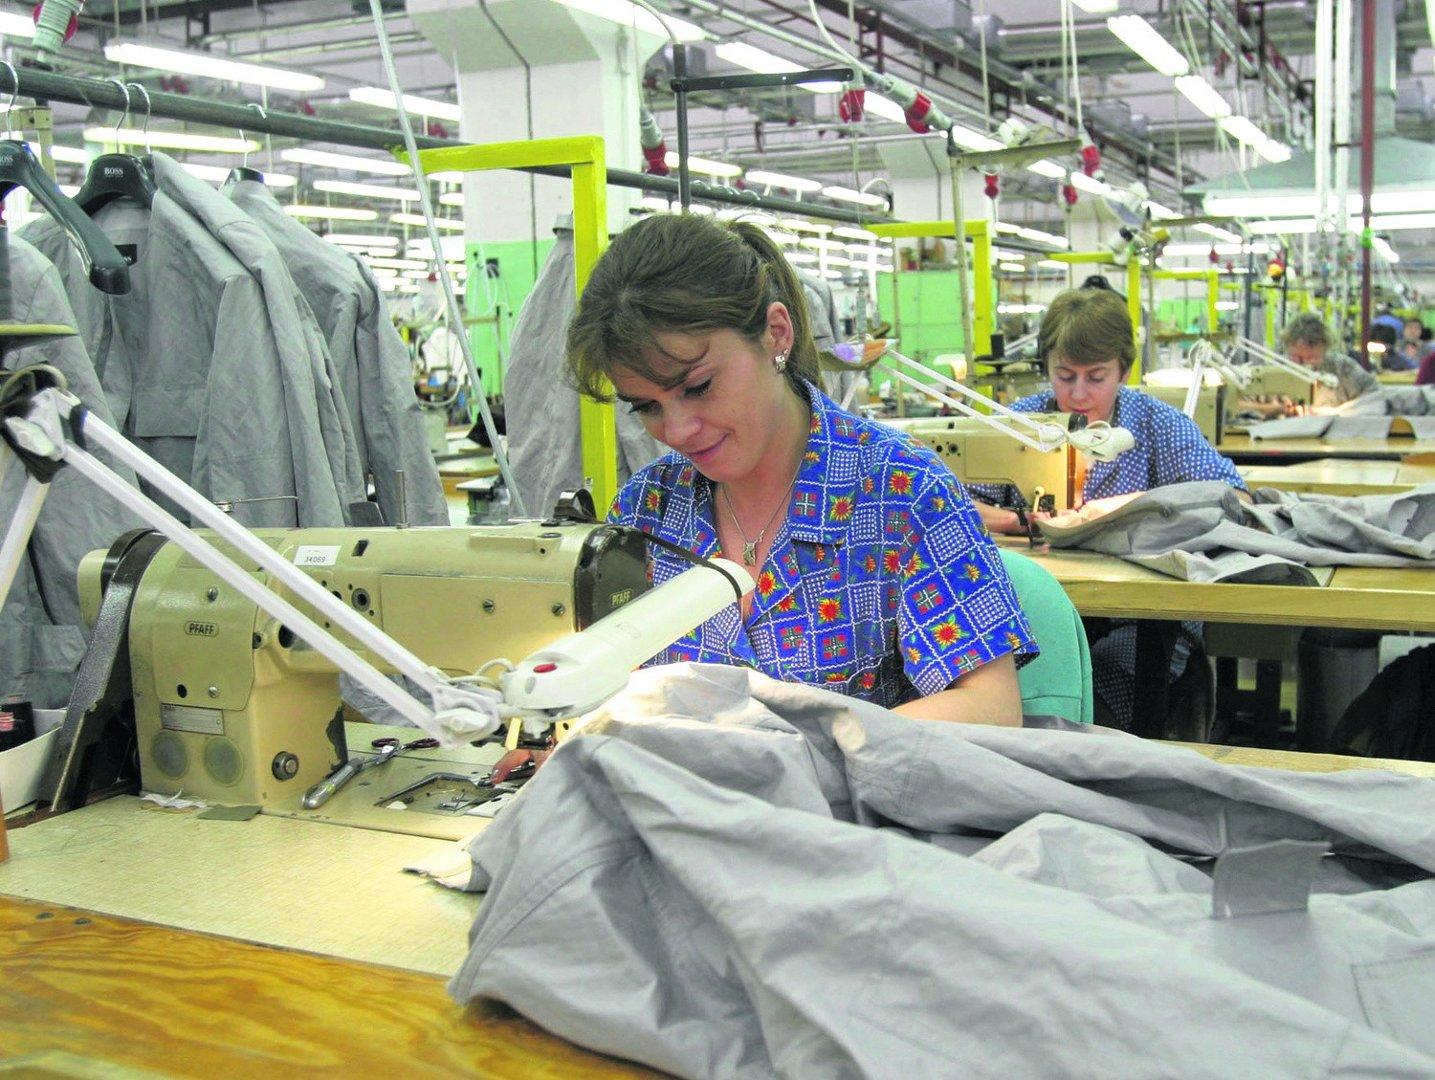 2c8a5b957a589 Tak wyglądała praca w zakładach Próchnika przed przeniesieniem produkcji do  Chin. W zakładzie nie zostały